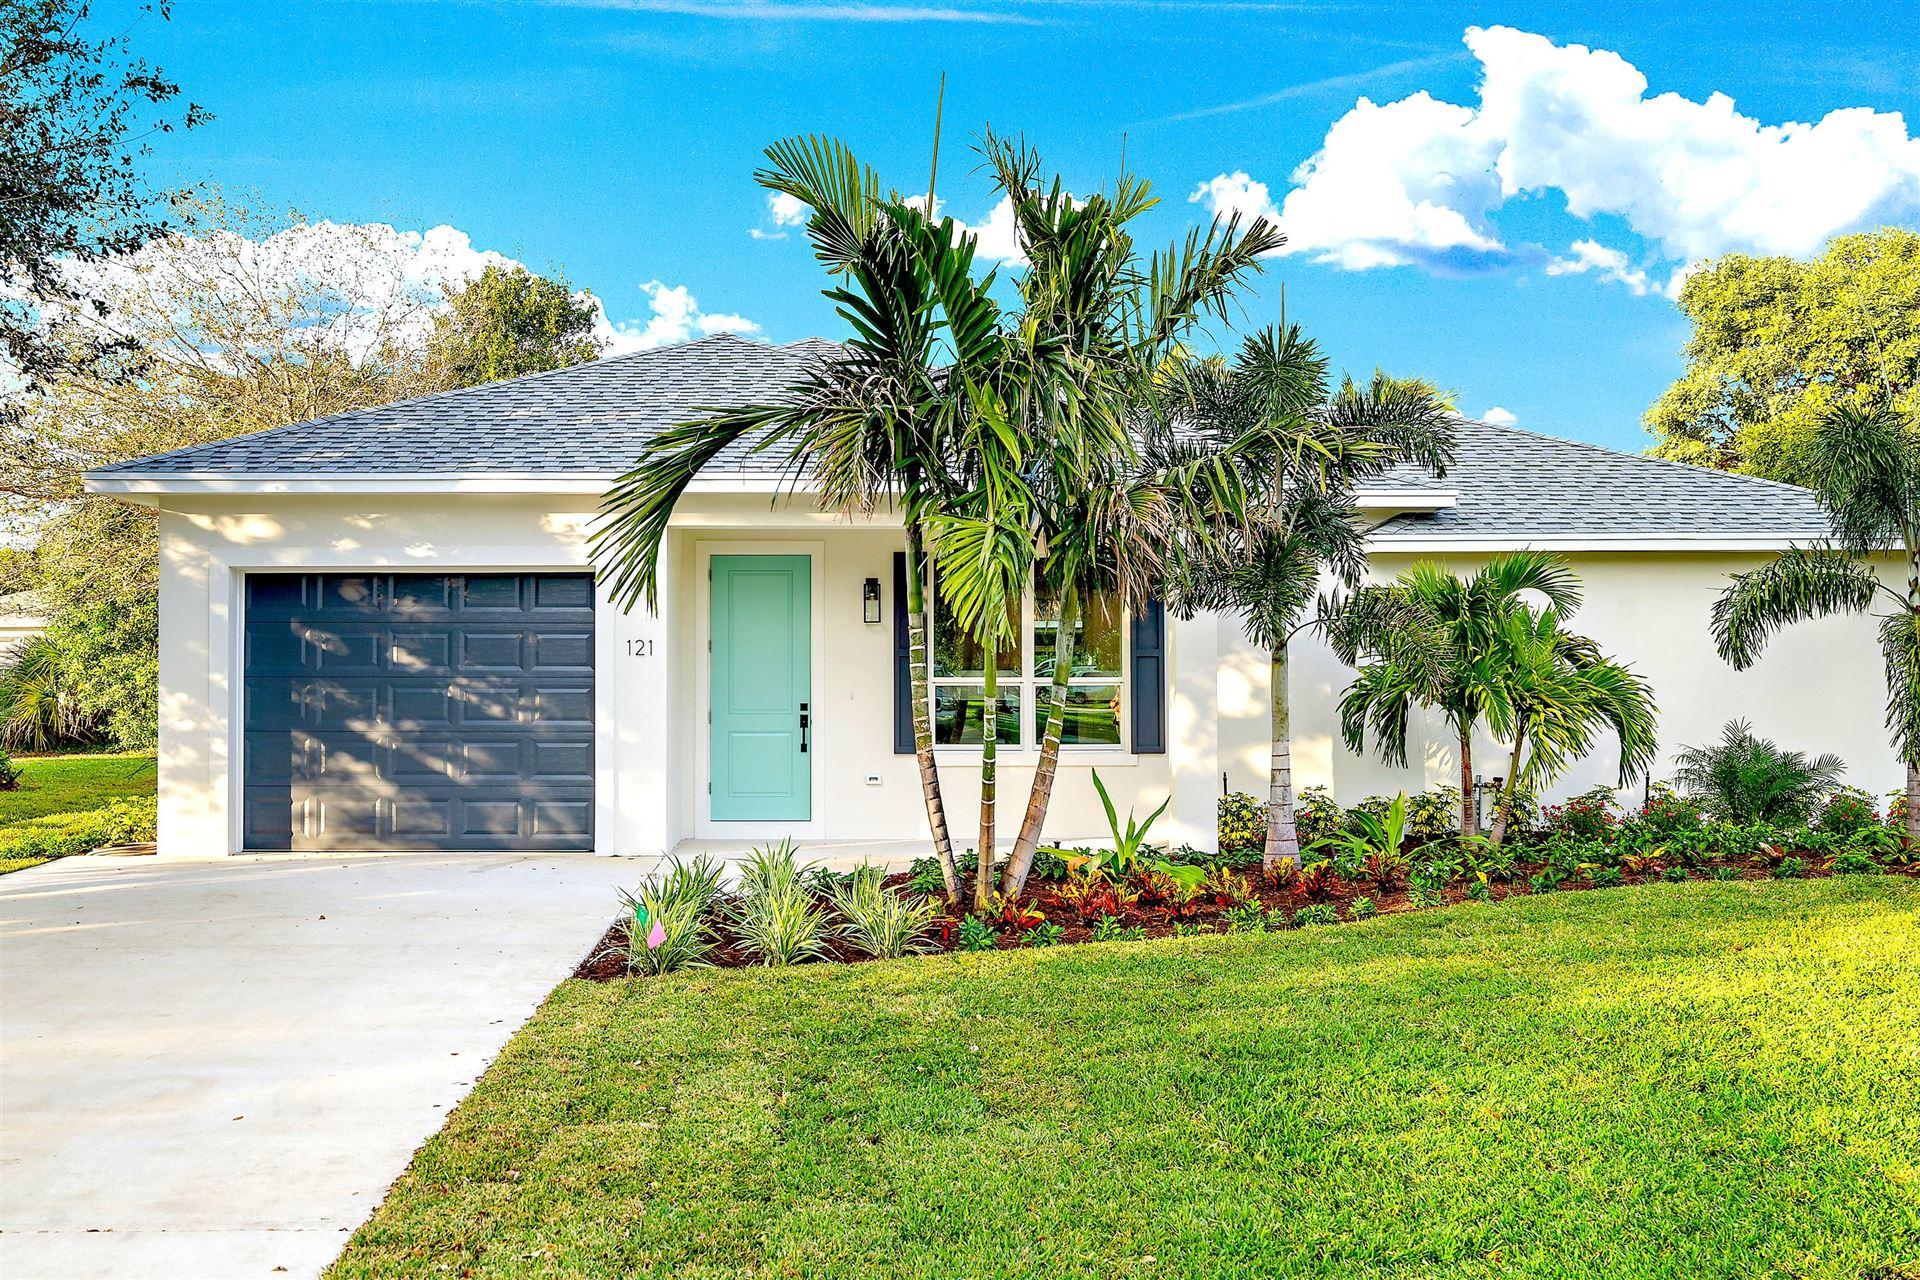 Photo of 121 Windsor Road E, Jupiter, FL 33469 (MLS # RX-10679901)